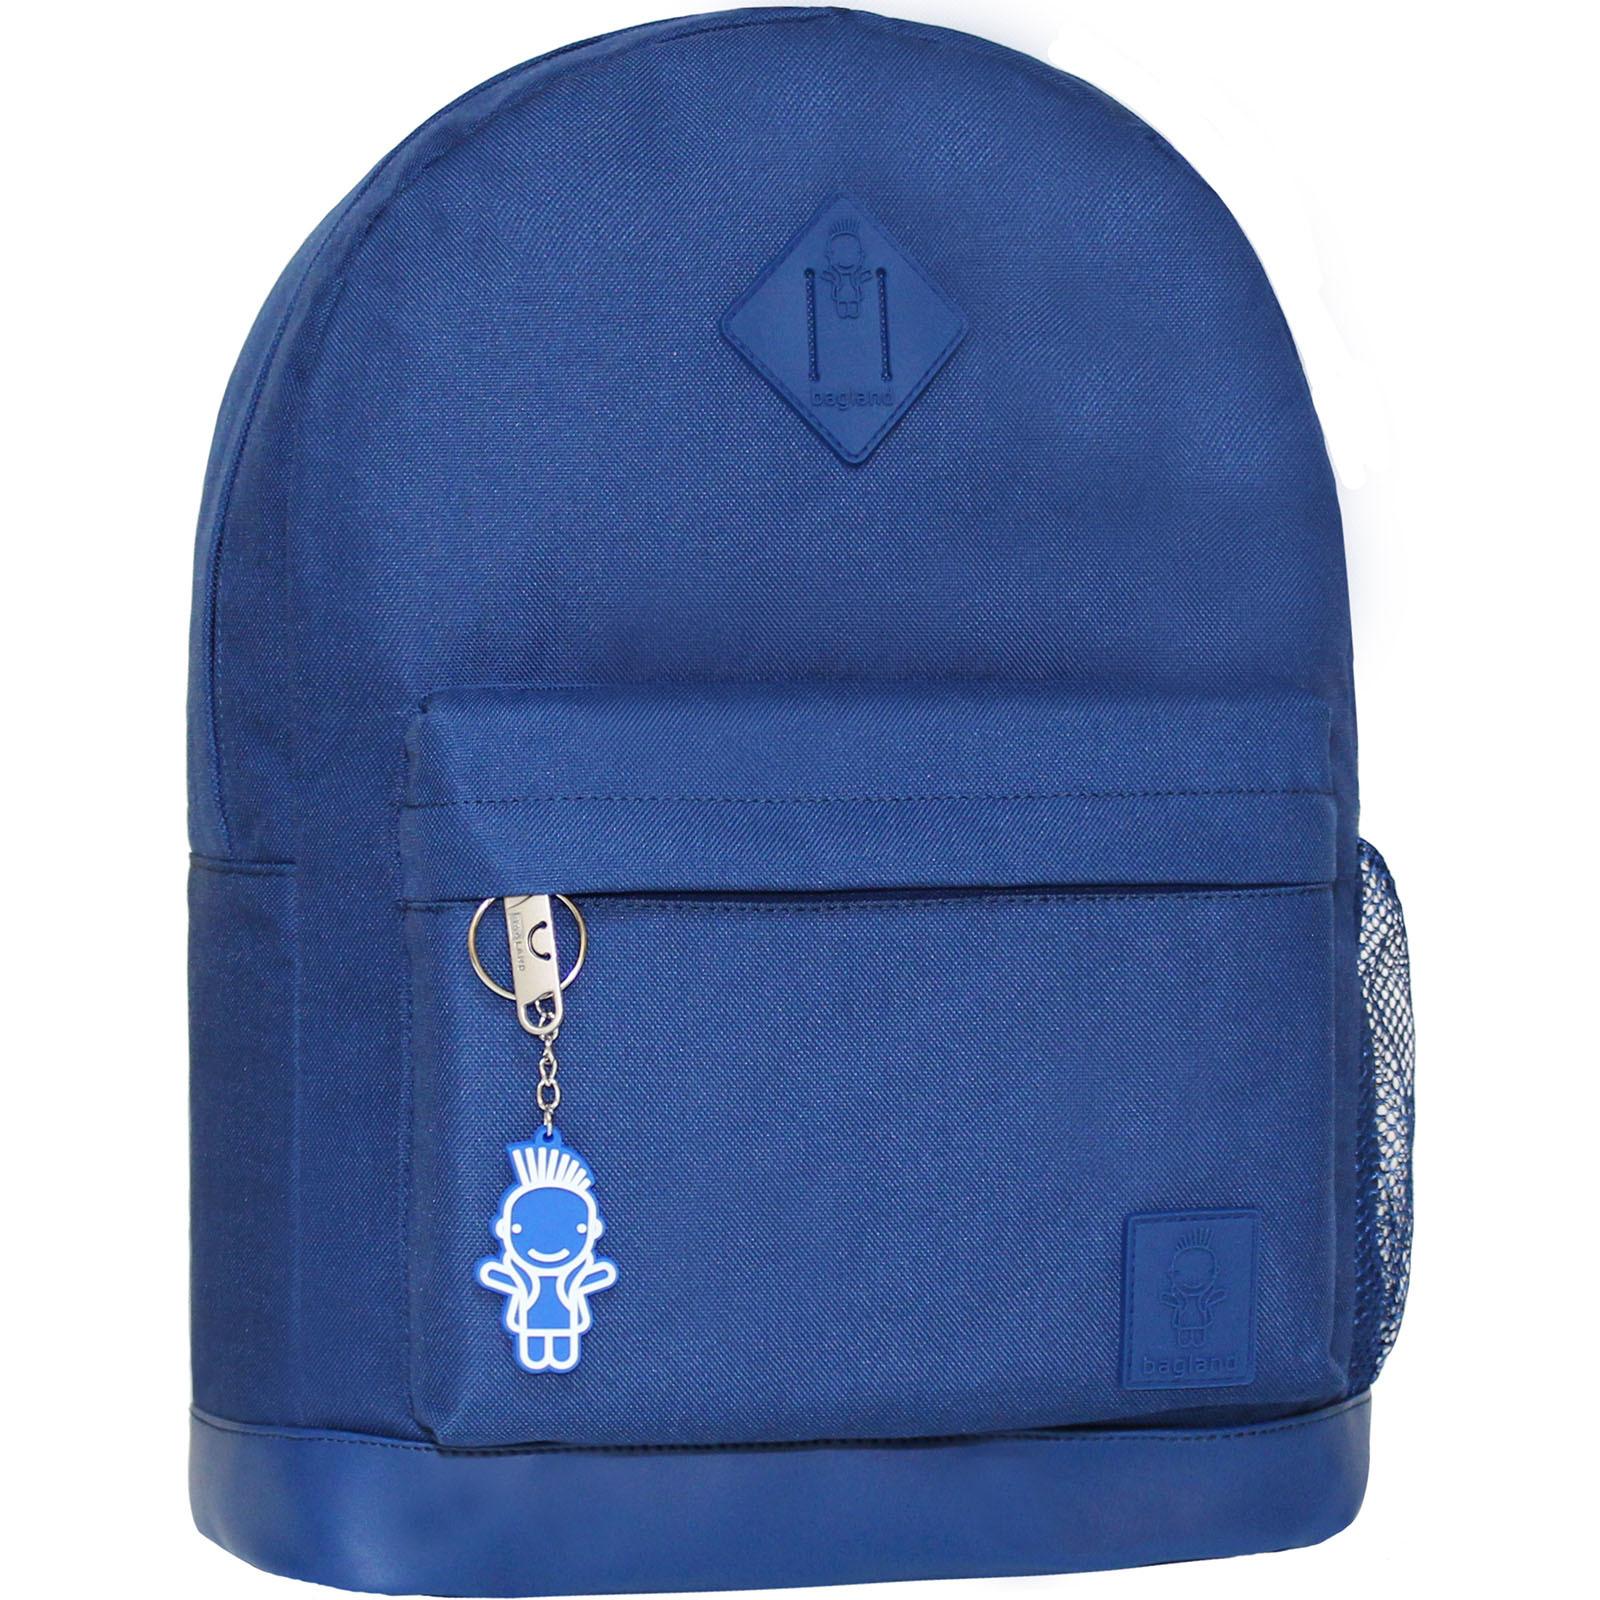 Рюкзак Bagland Молодежный Синий 00533663 фото 1